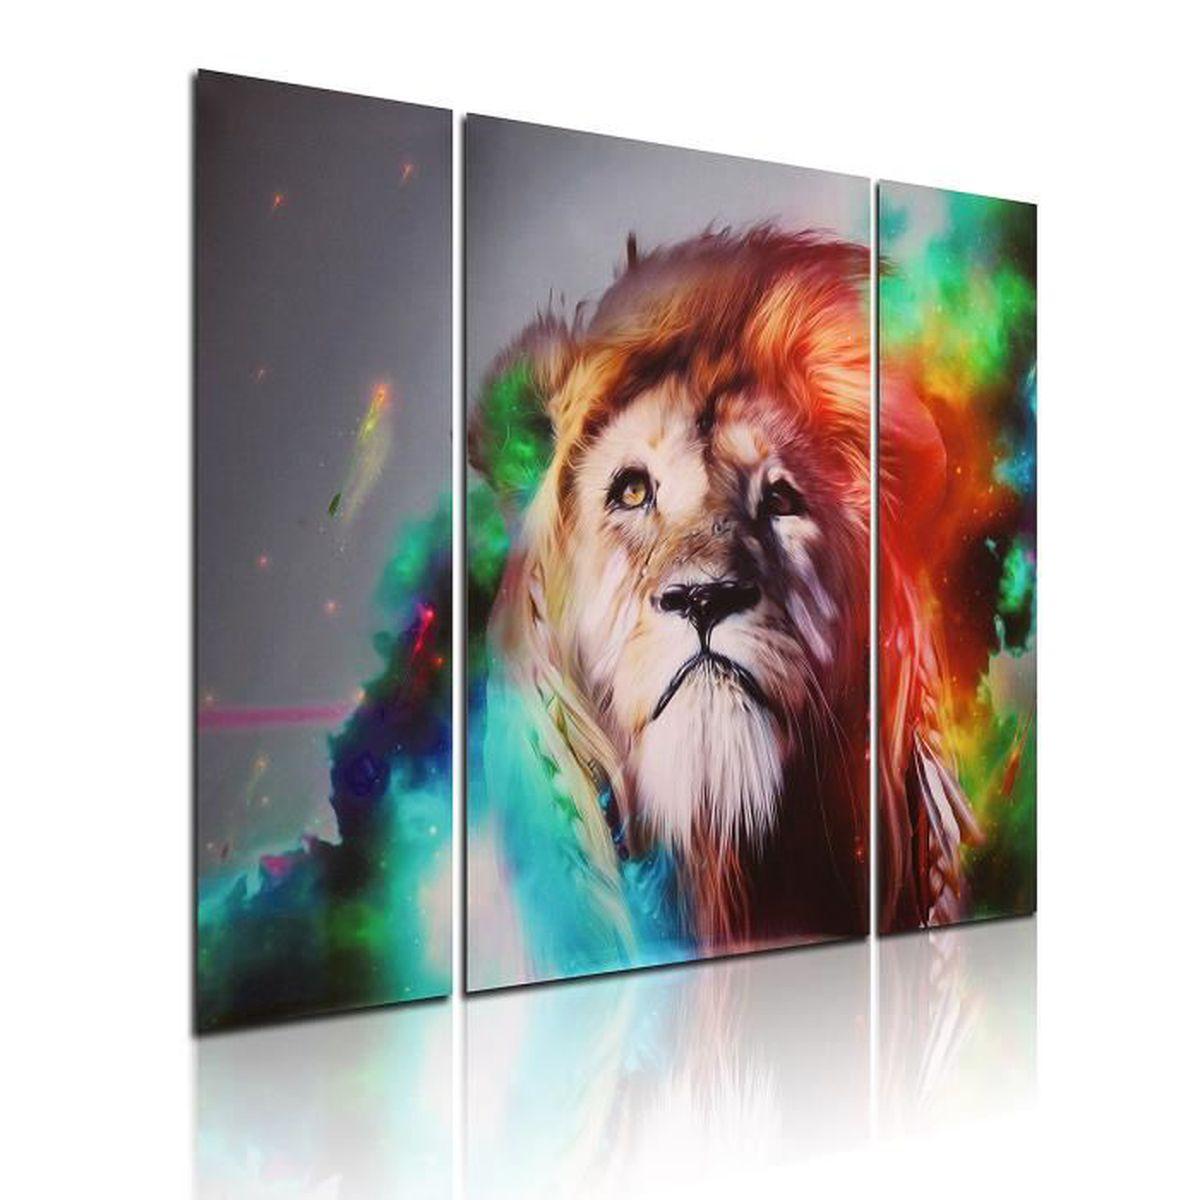 tableaux peinture sur toile tigre achat vente tableaux peinture sur toile tigre pas cher. Black Bedroom Furniture Sets. Home Design Ideas